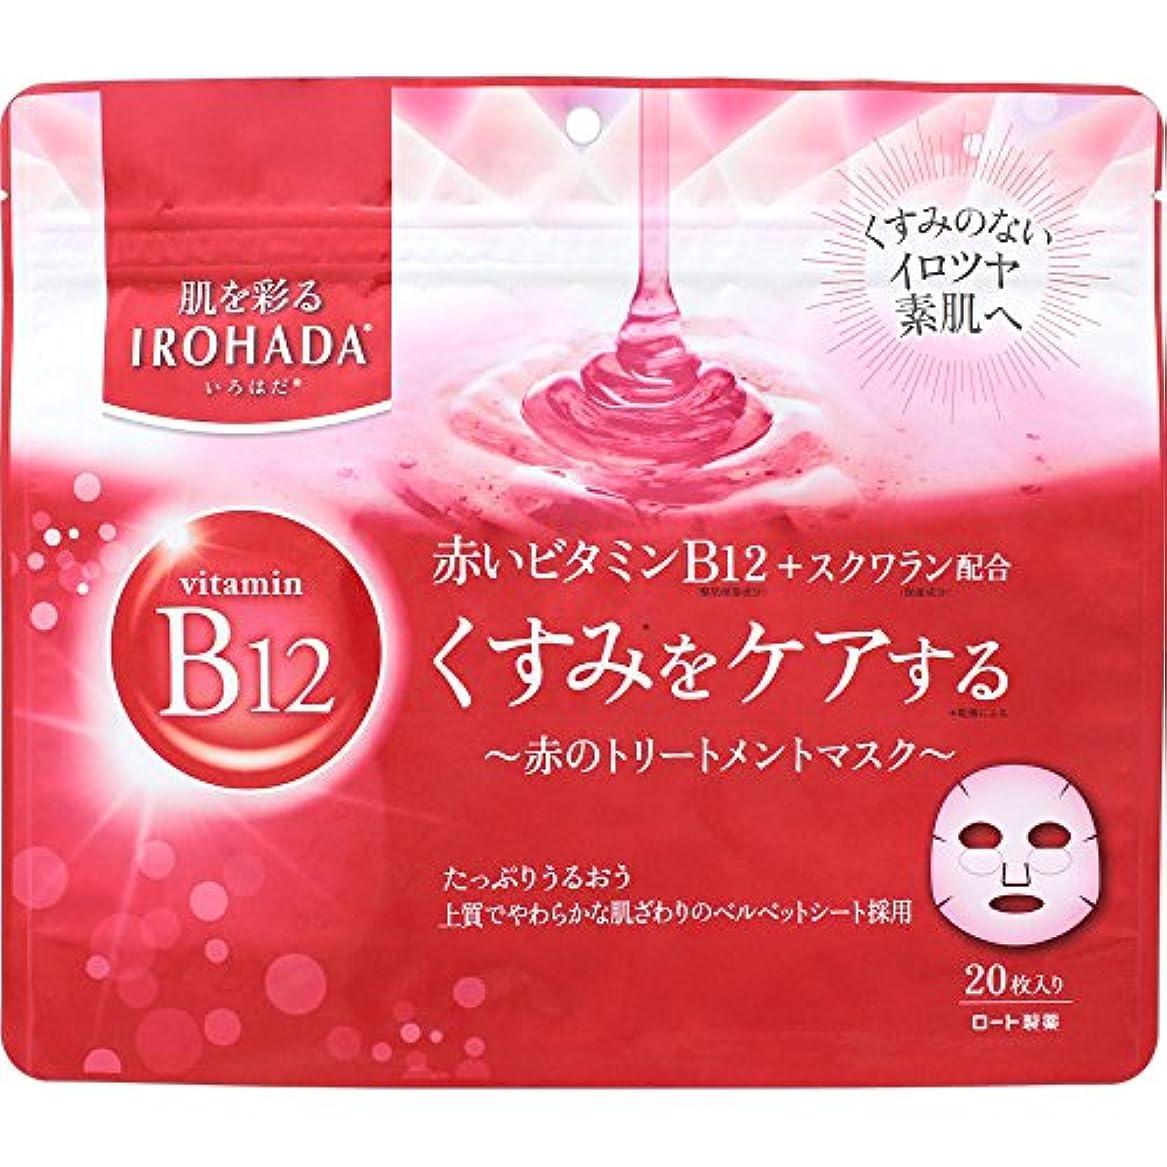 見捨てる農民否認するロート製薬 いろはだ (IROHADA) 赤いビタミンB12×スクワラン配合 トリートメントマスク 20枚入り